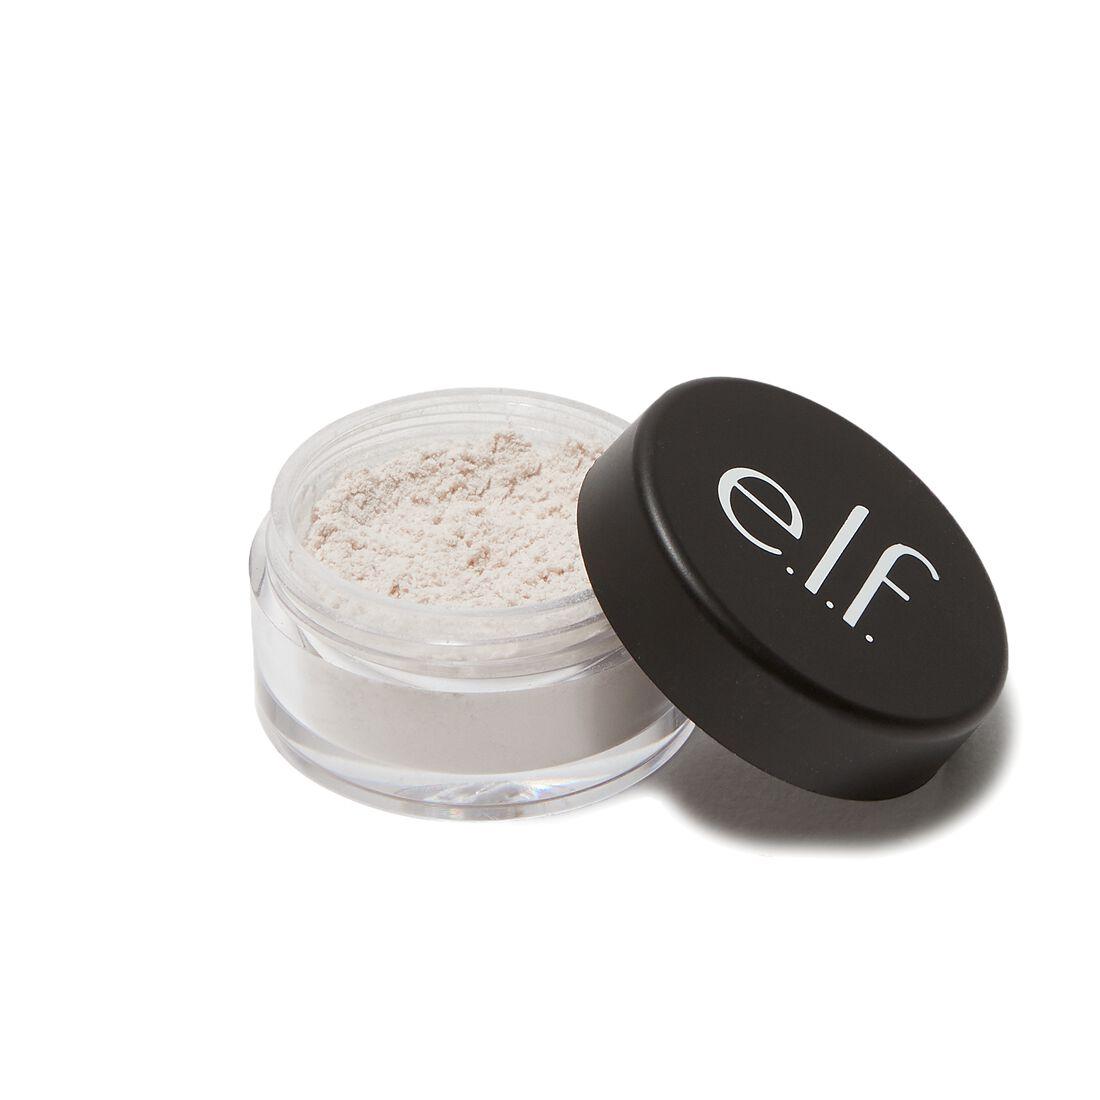 E.l.f Cosmetics - Smooth & Set Eye Powder